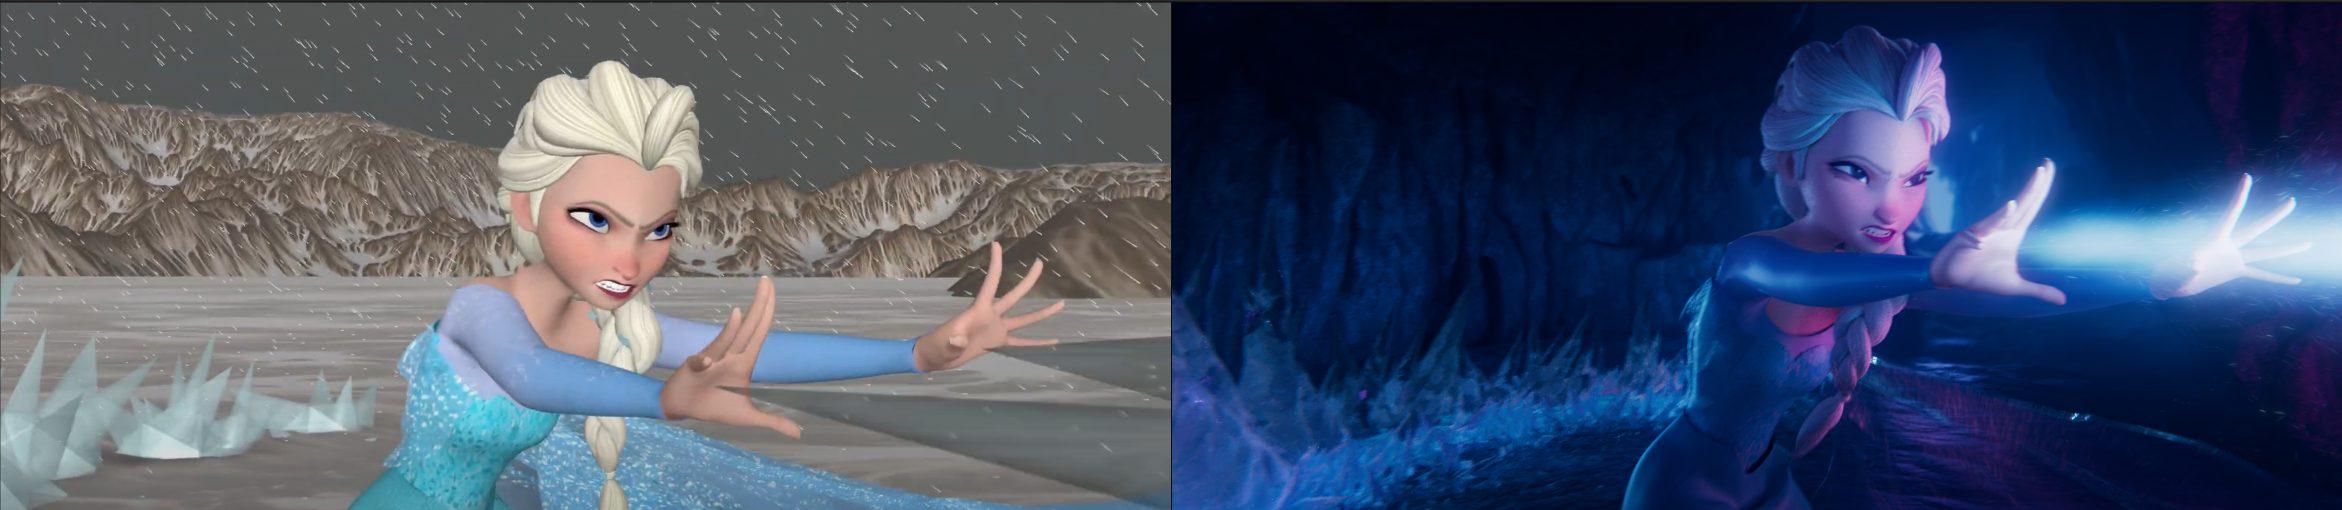 Frozen VFX Breakdown